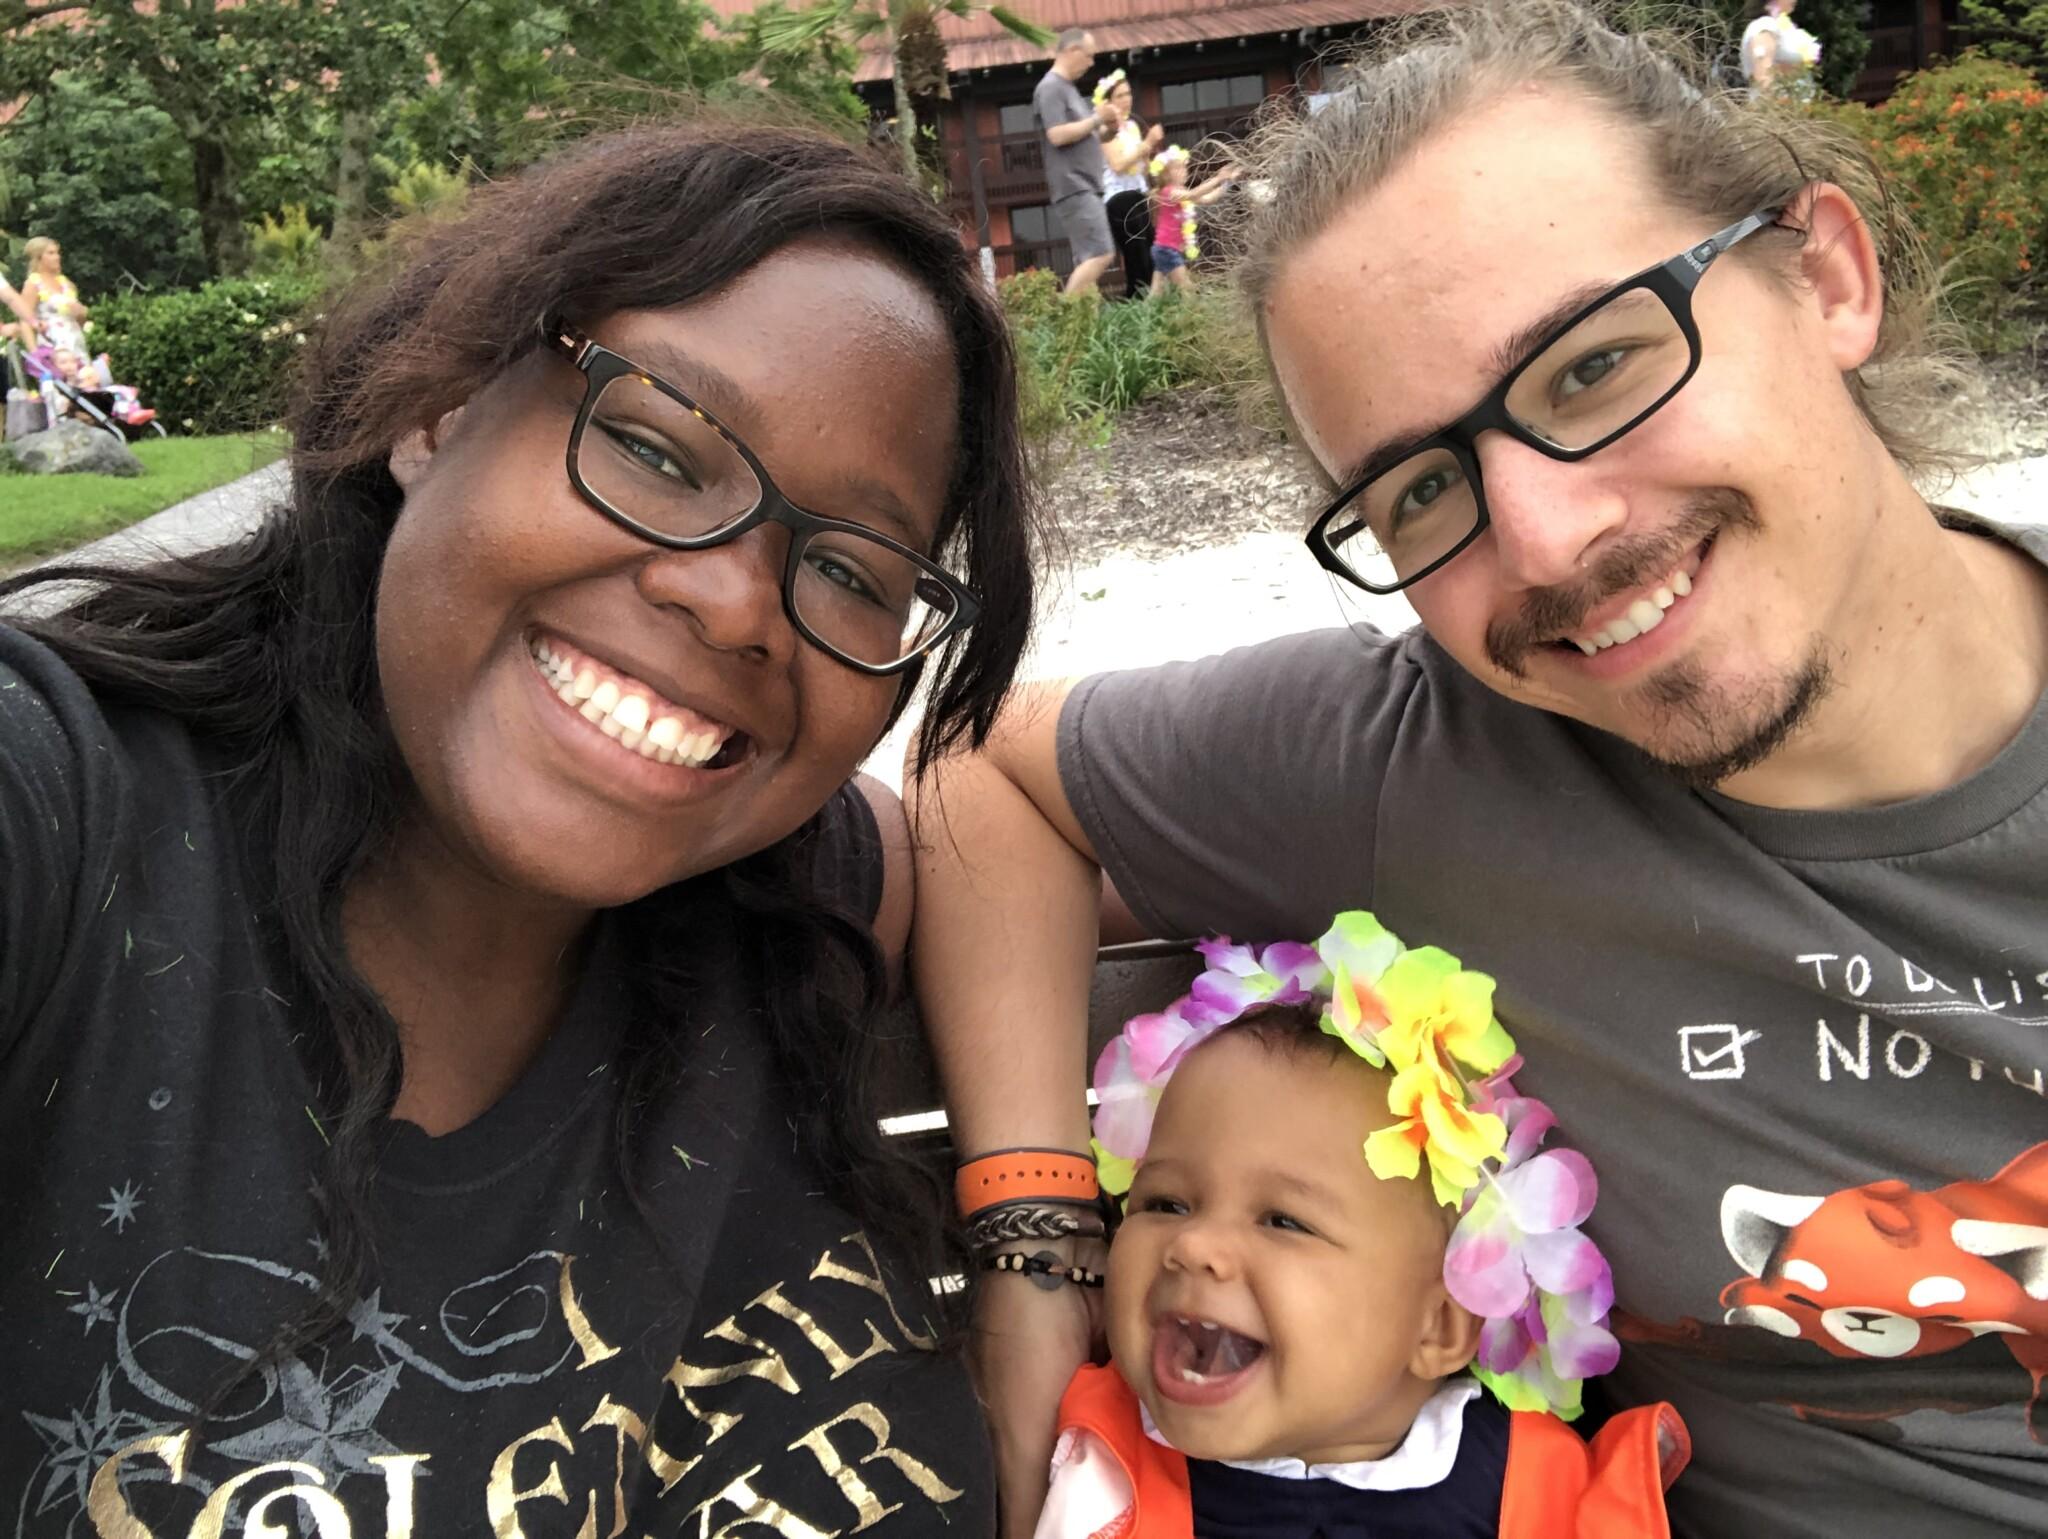 2 semaines en Floride avec un bébé de 1 an - Séjour du 2 au 16 mai 2019 DCL + WDW - Page 17 IMG_1270-2048x1539